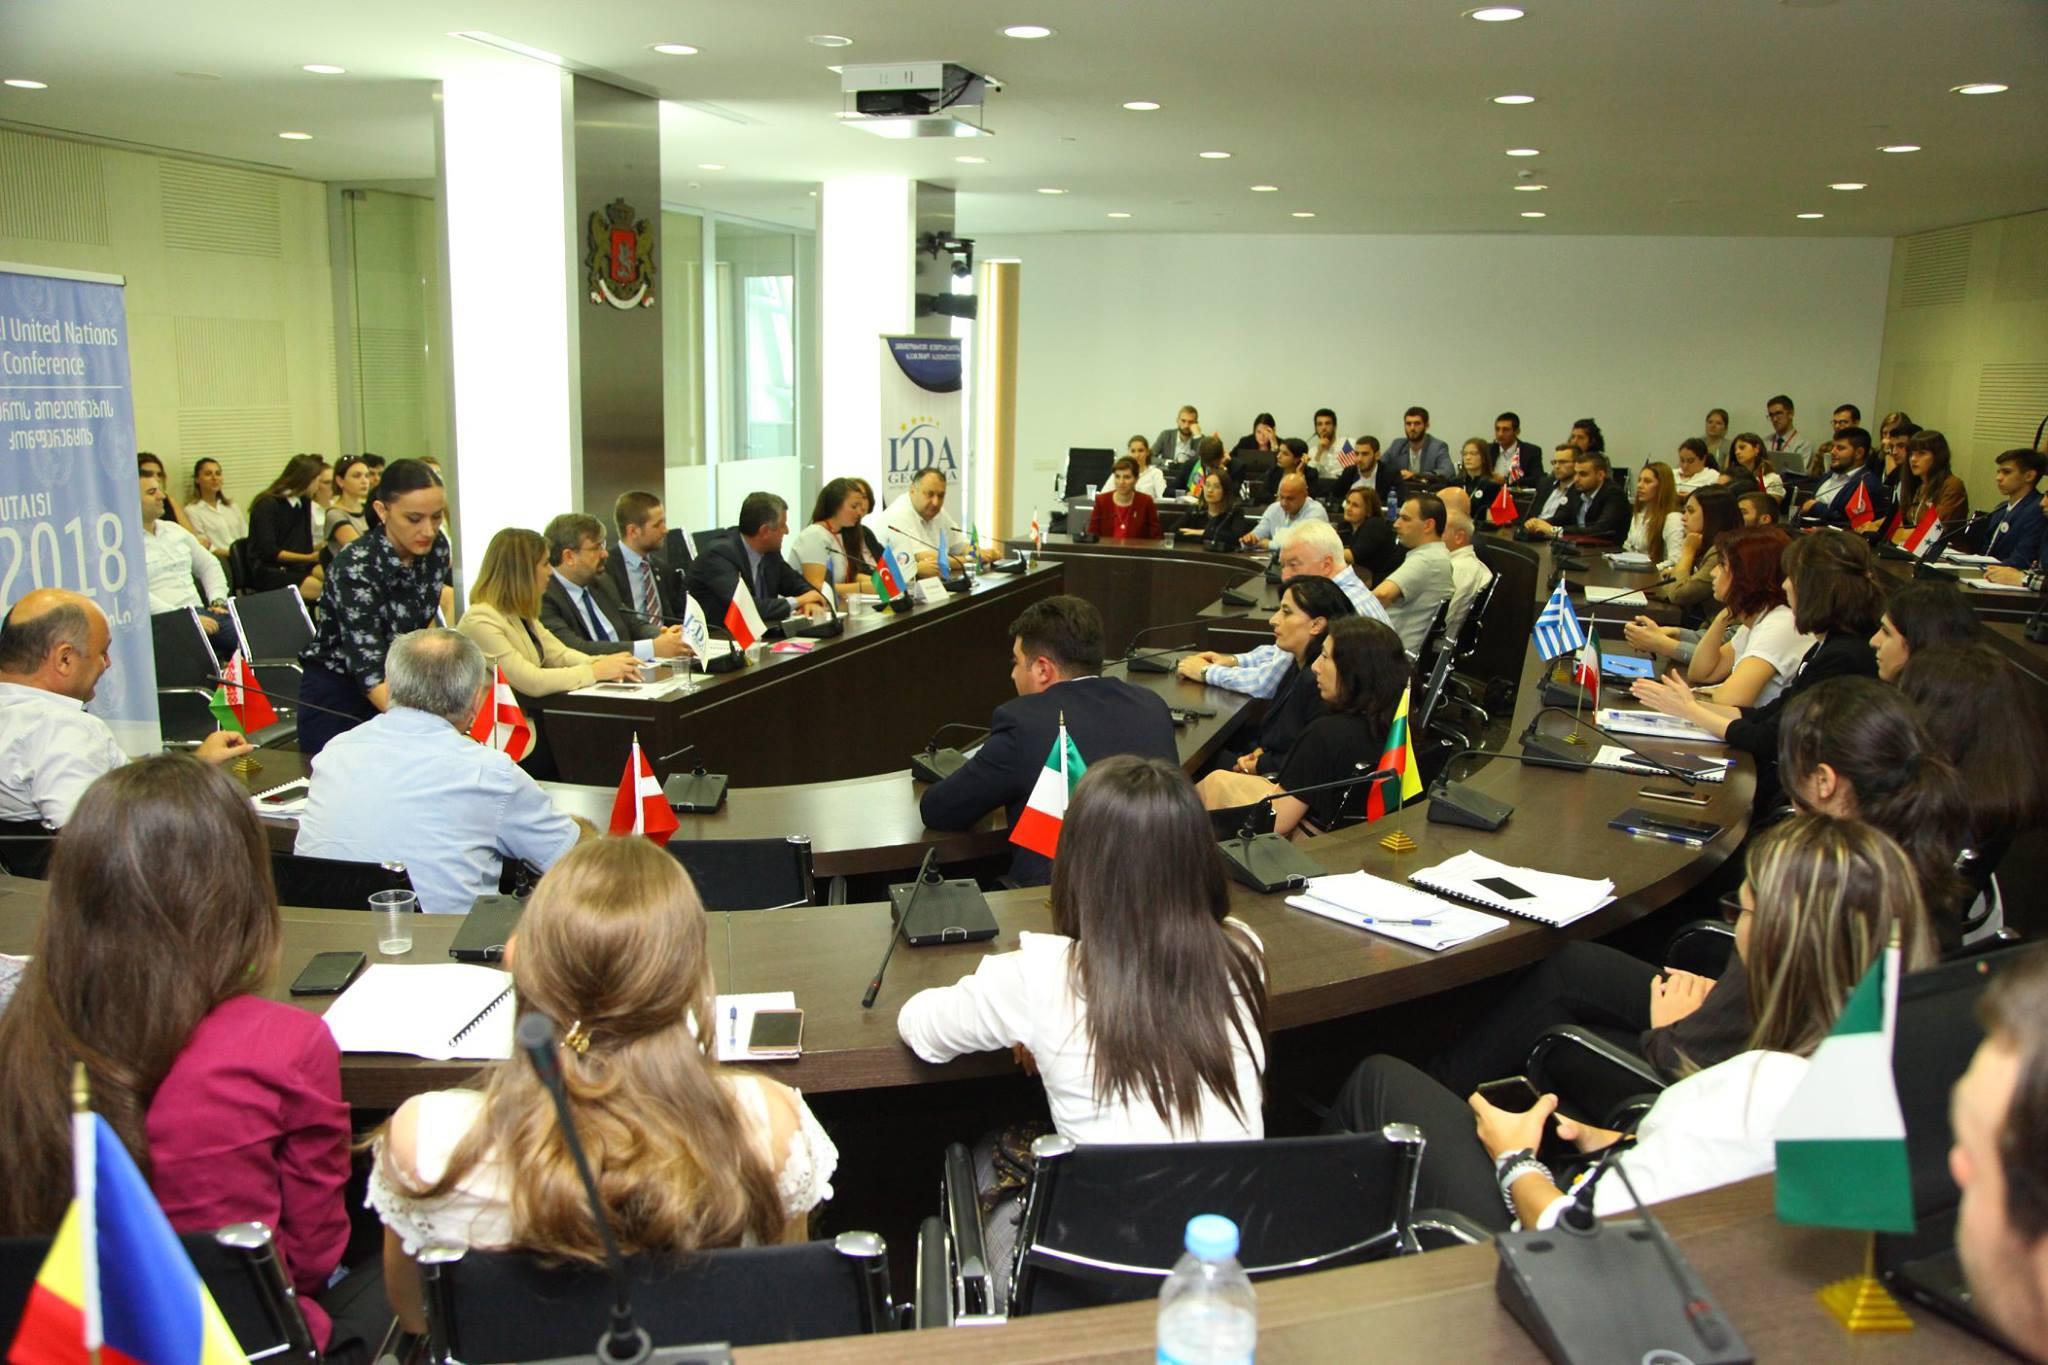 გაეროს მოდელირების კონფერენციის შესარჩევი კონკურსი